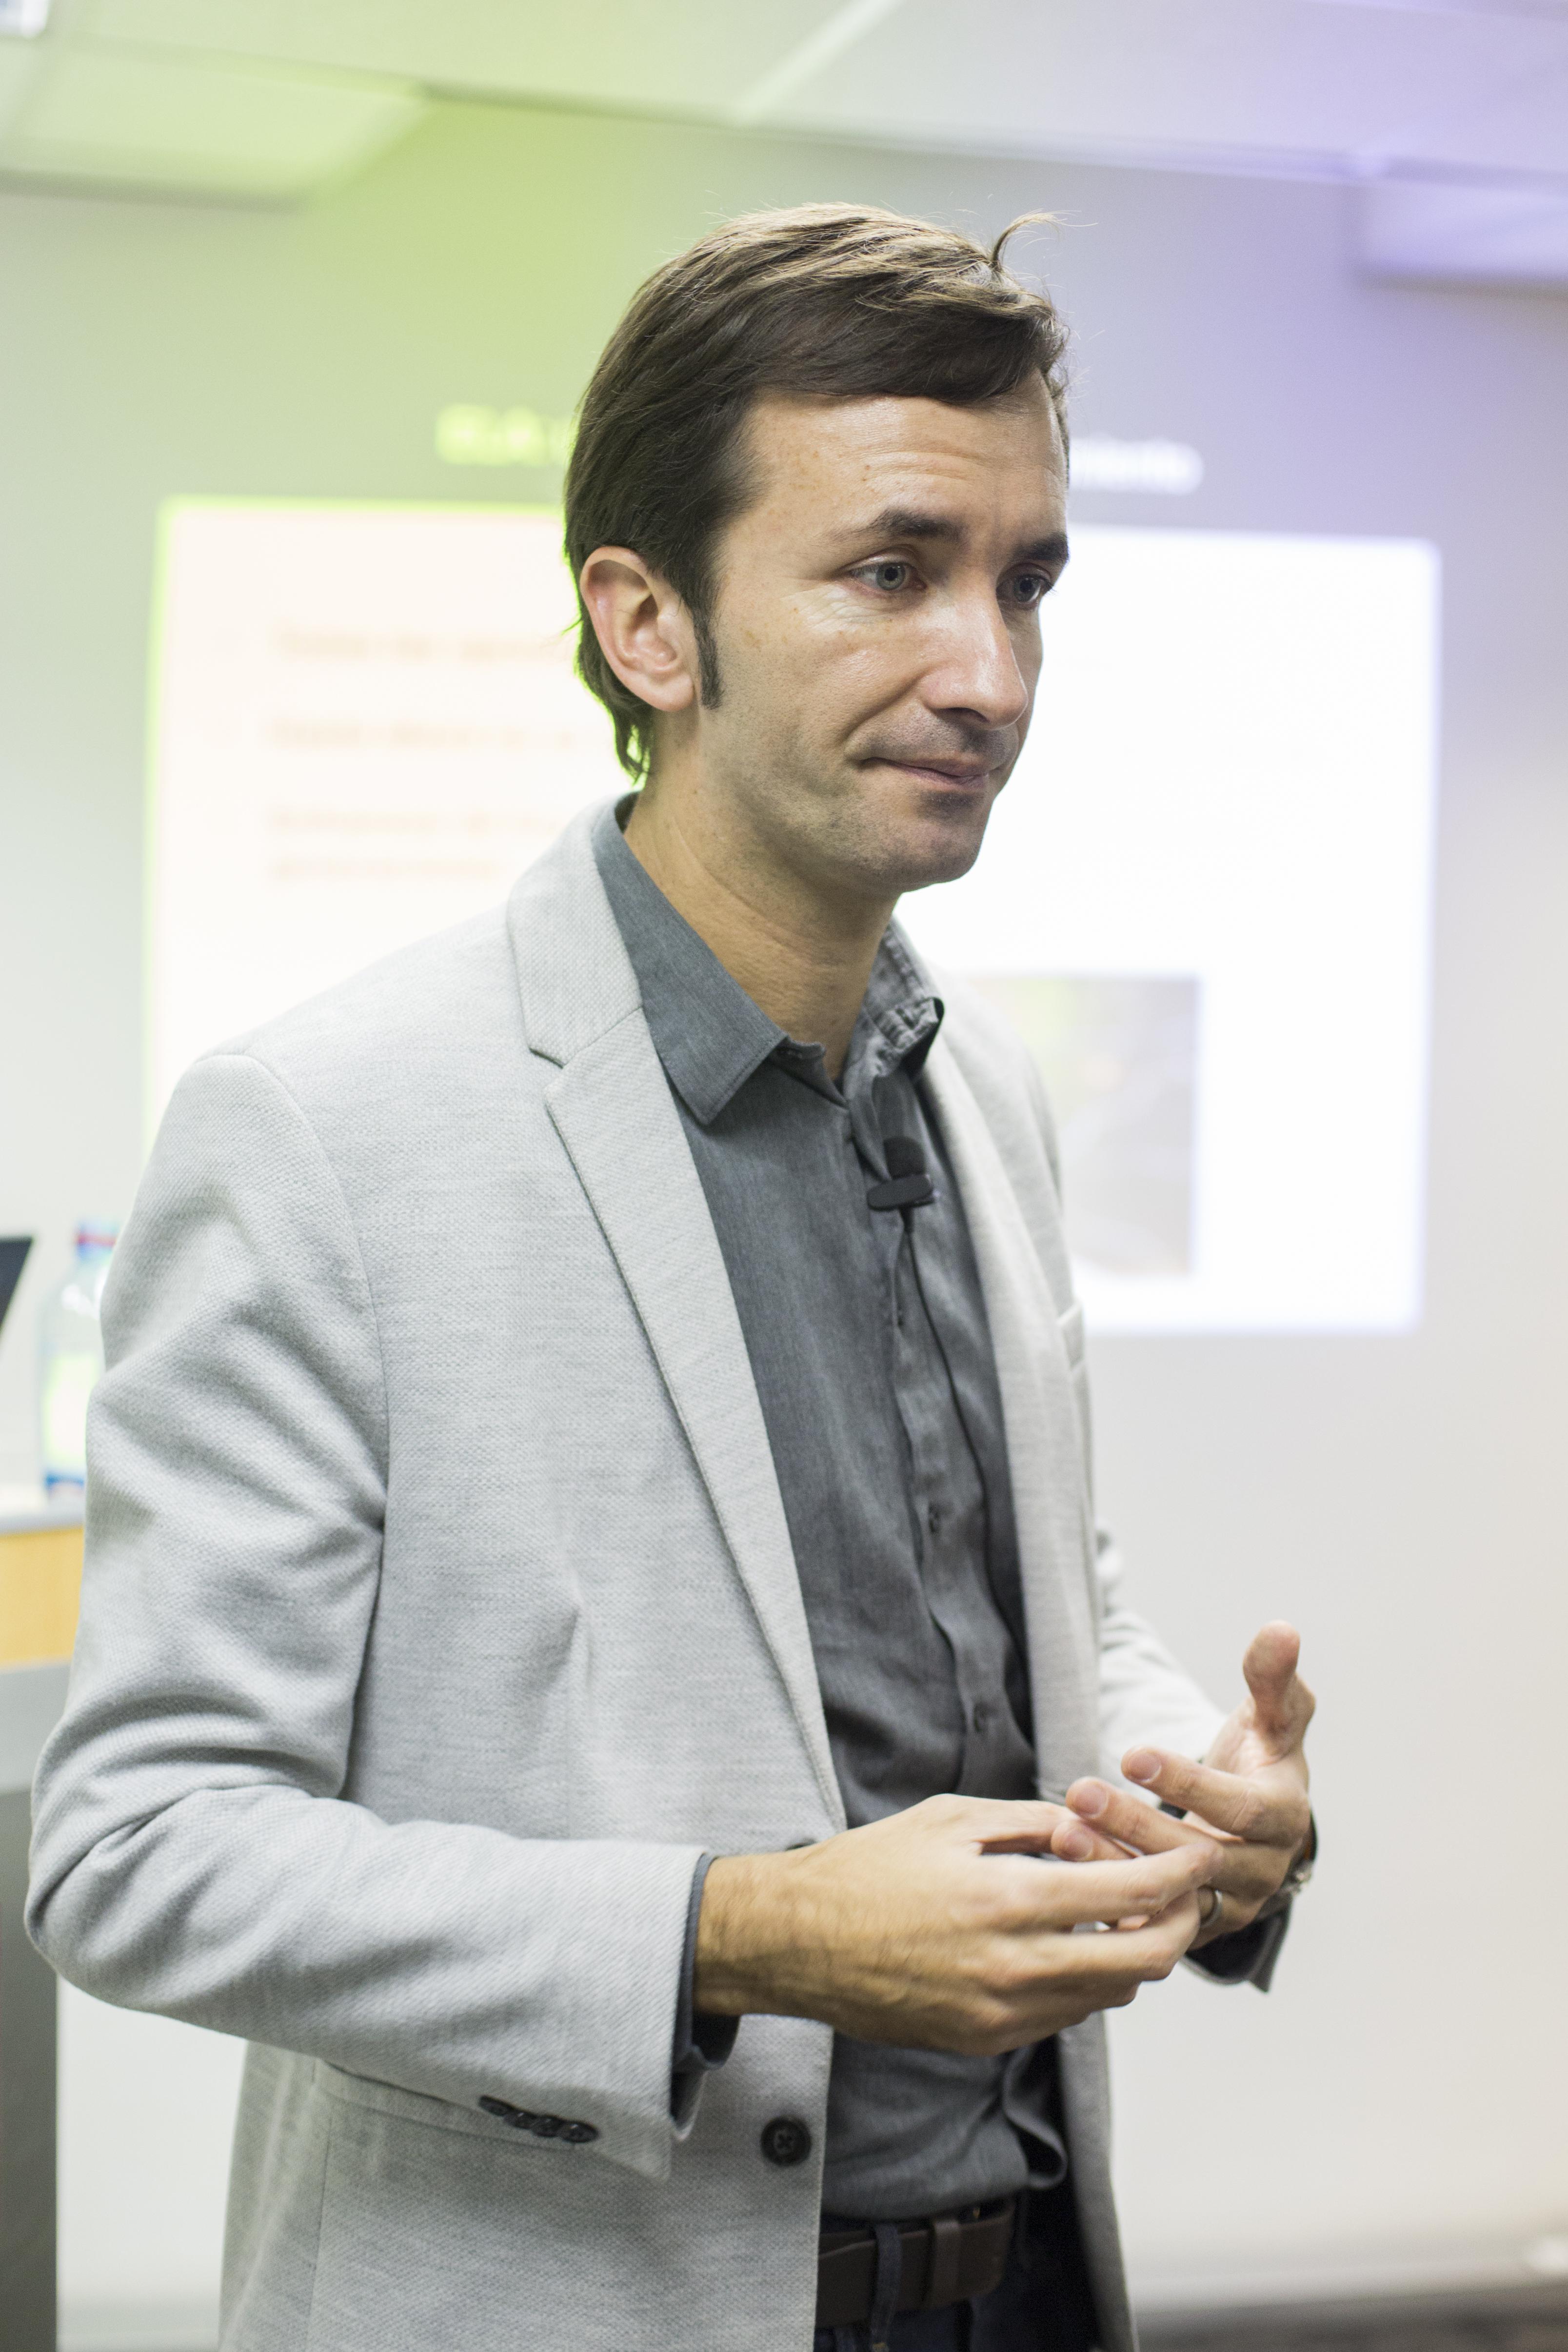 Ciencia en CONICYT. Dr. Claudio Hetz, People, HQ Photo